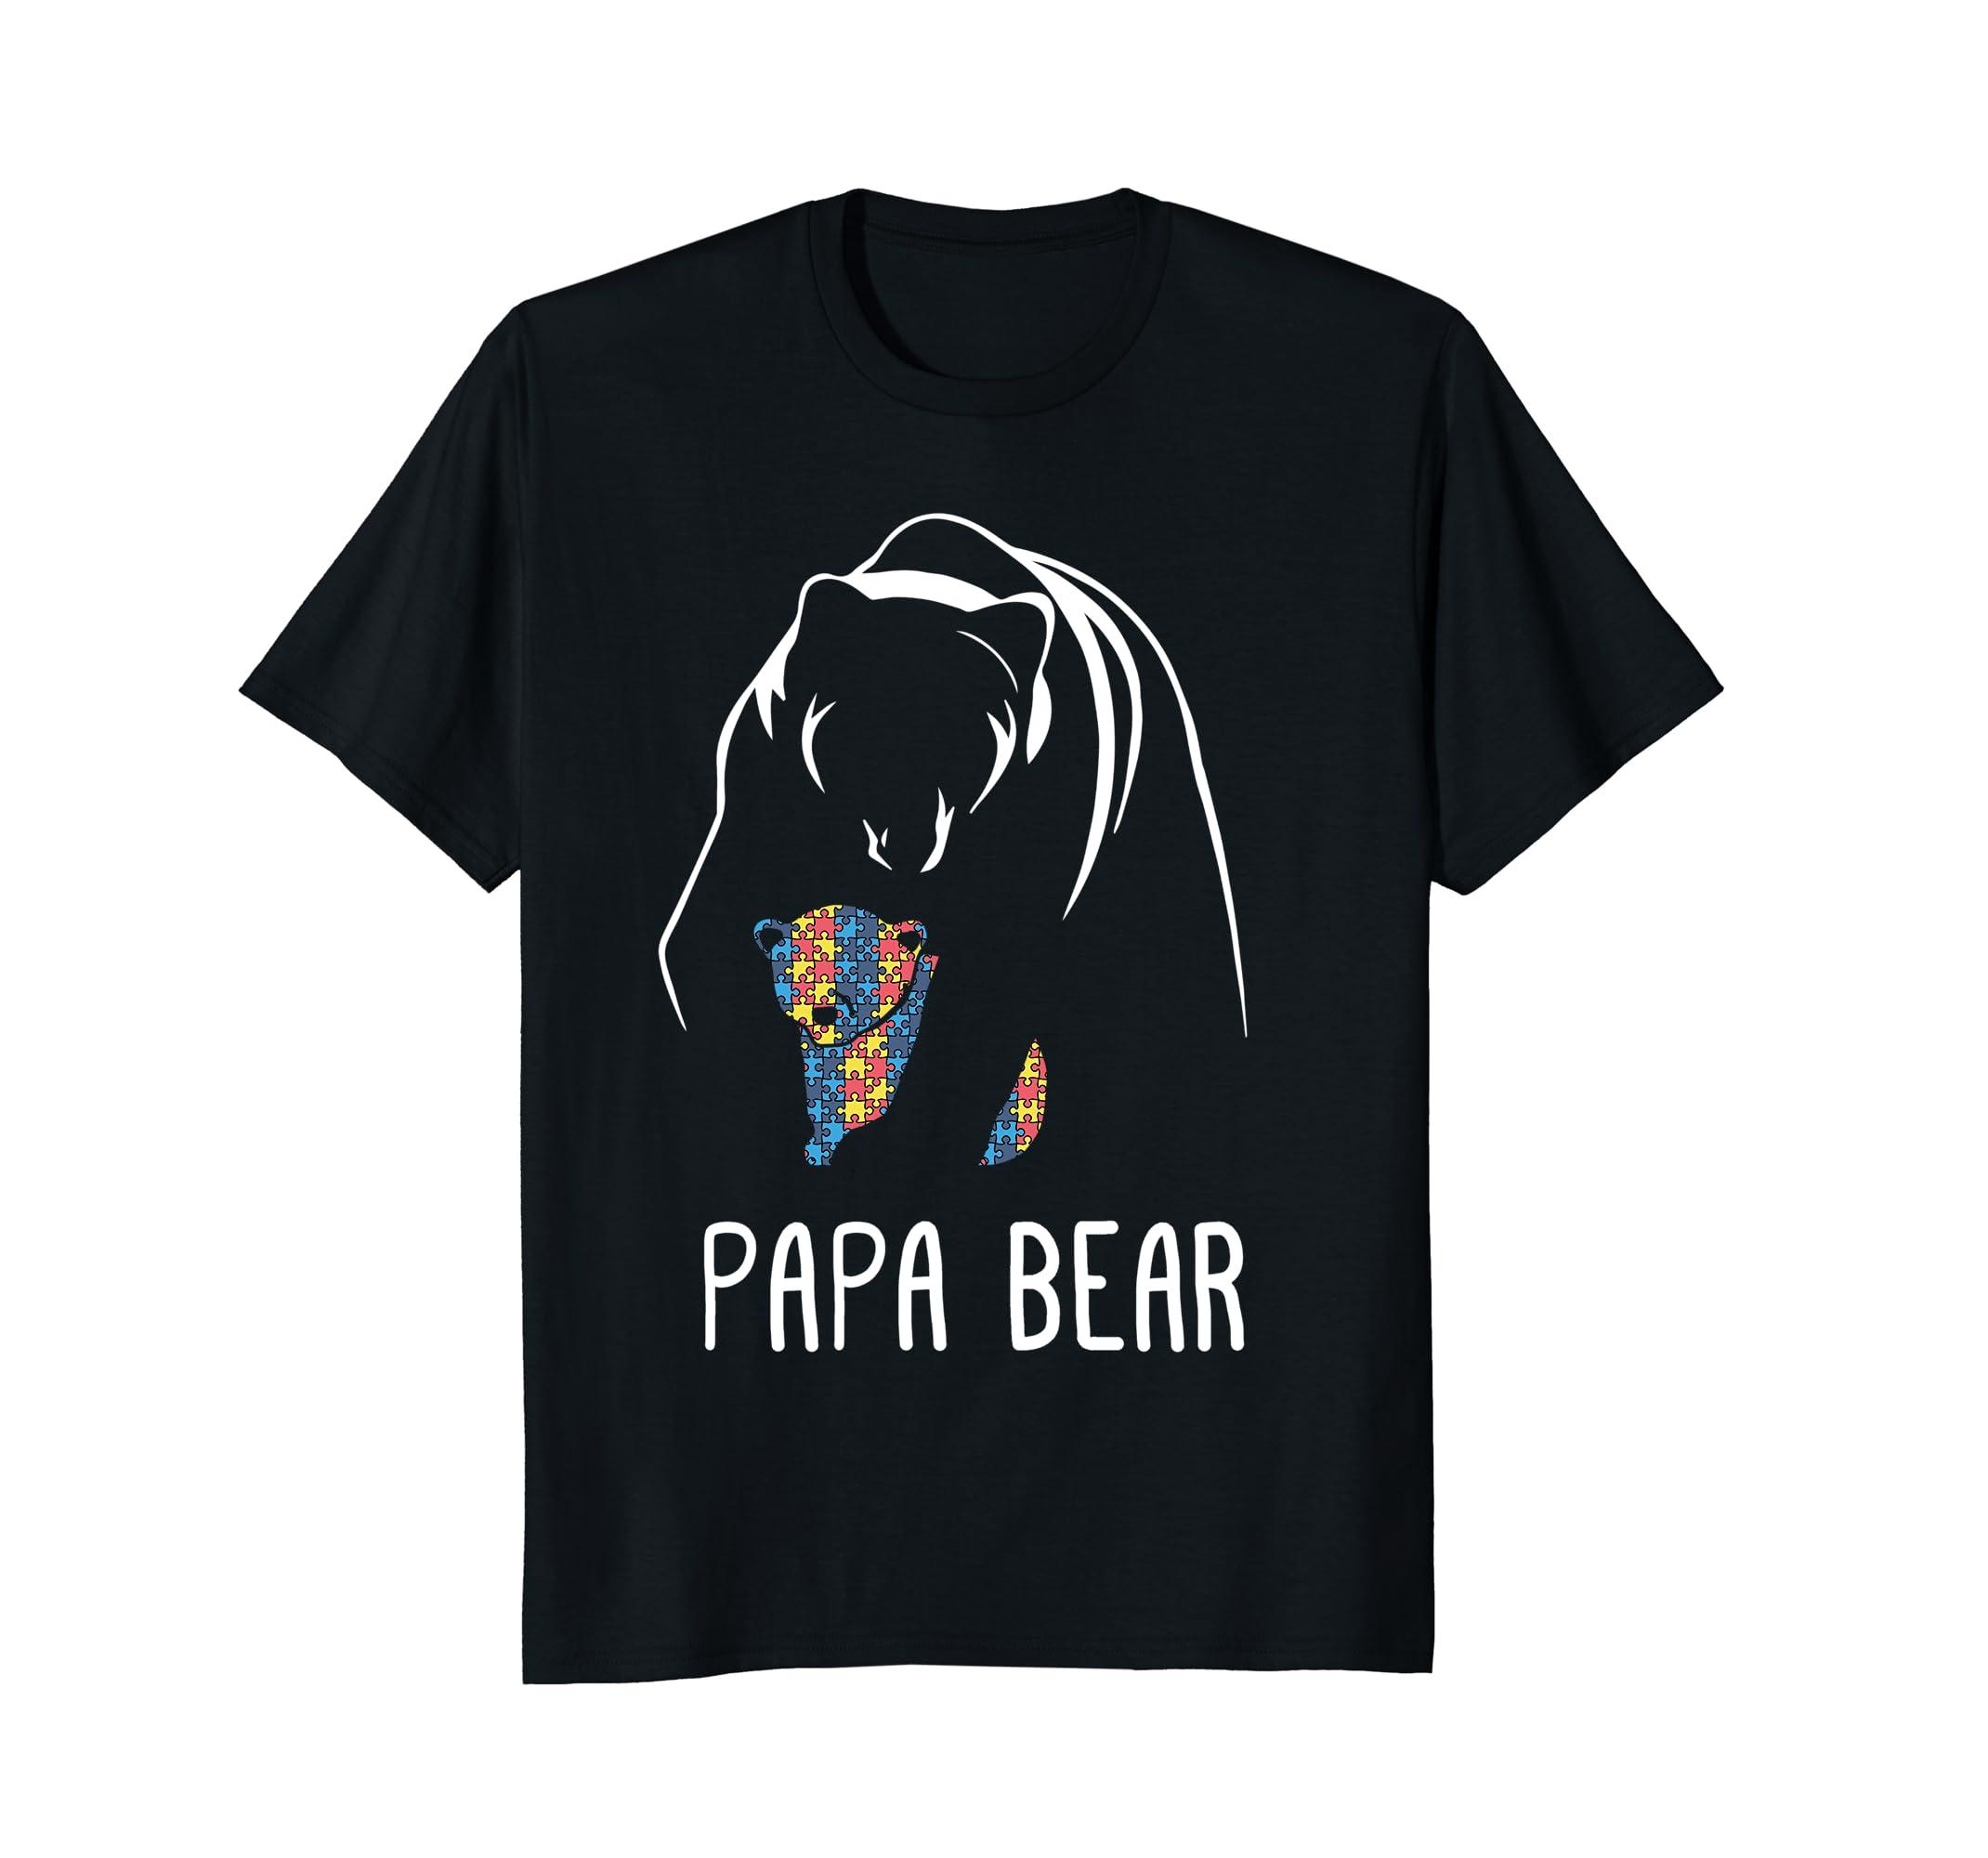 abbc69d2 Autism Papa Bear – Autism Awareness Shirt-ah my shirt one gift ...